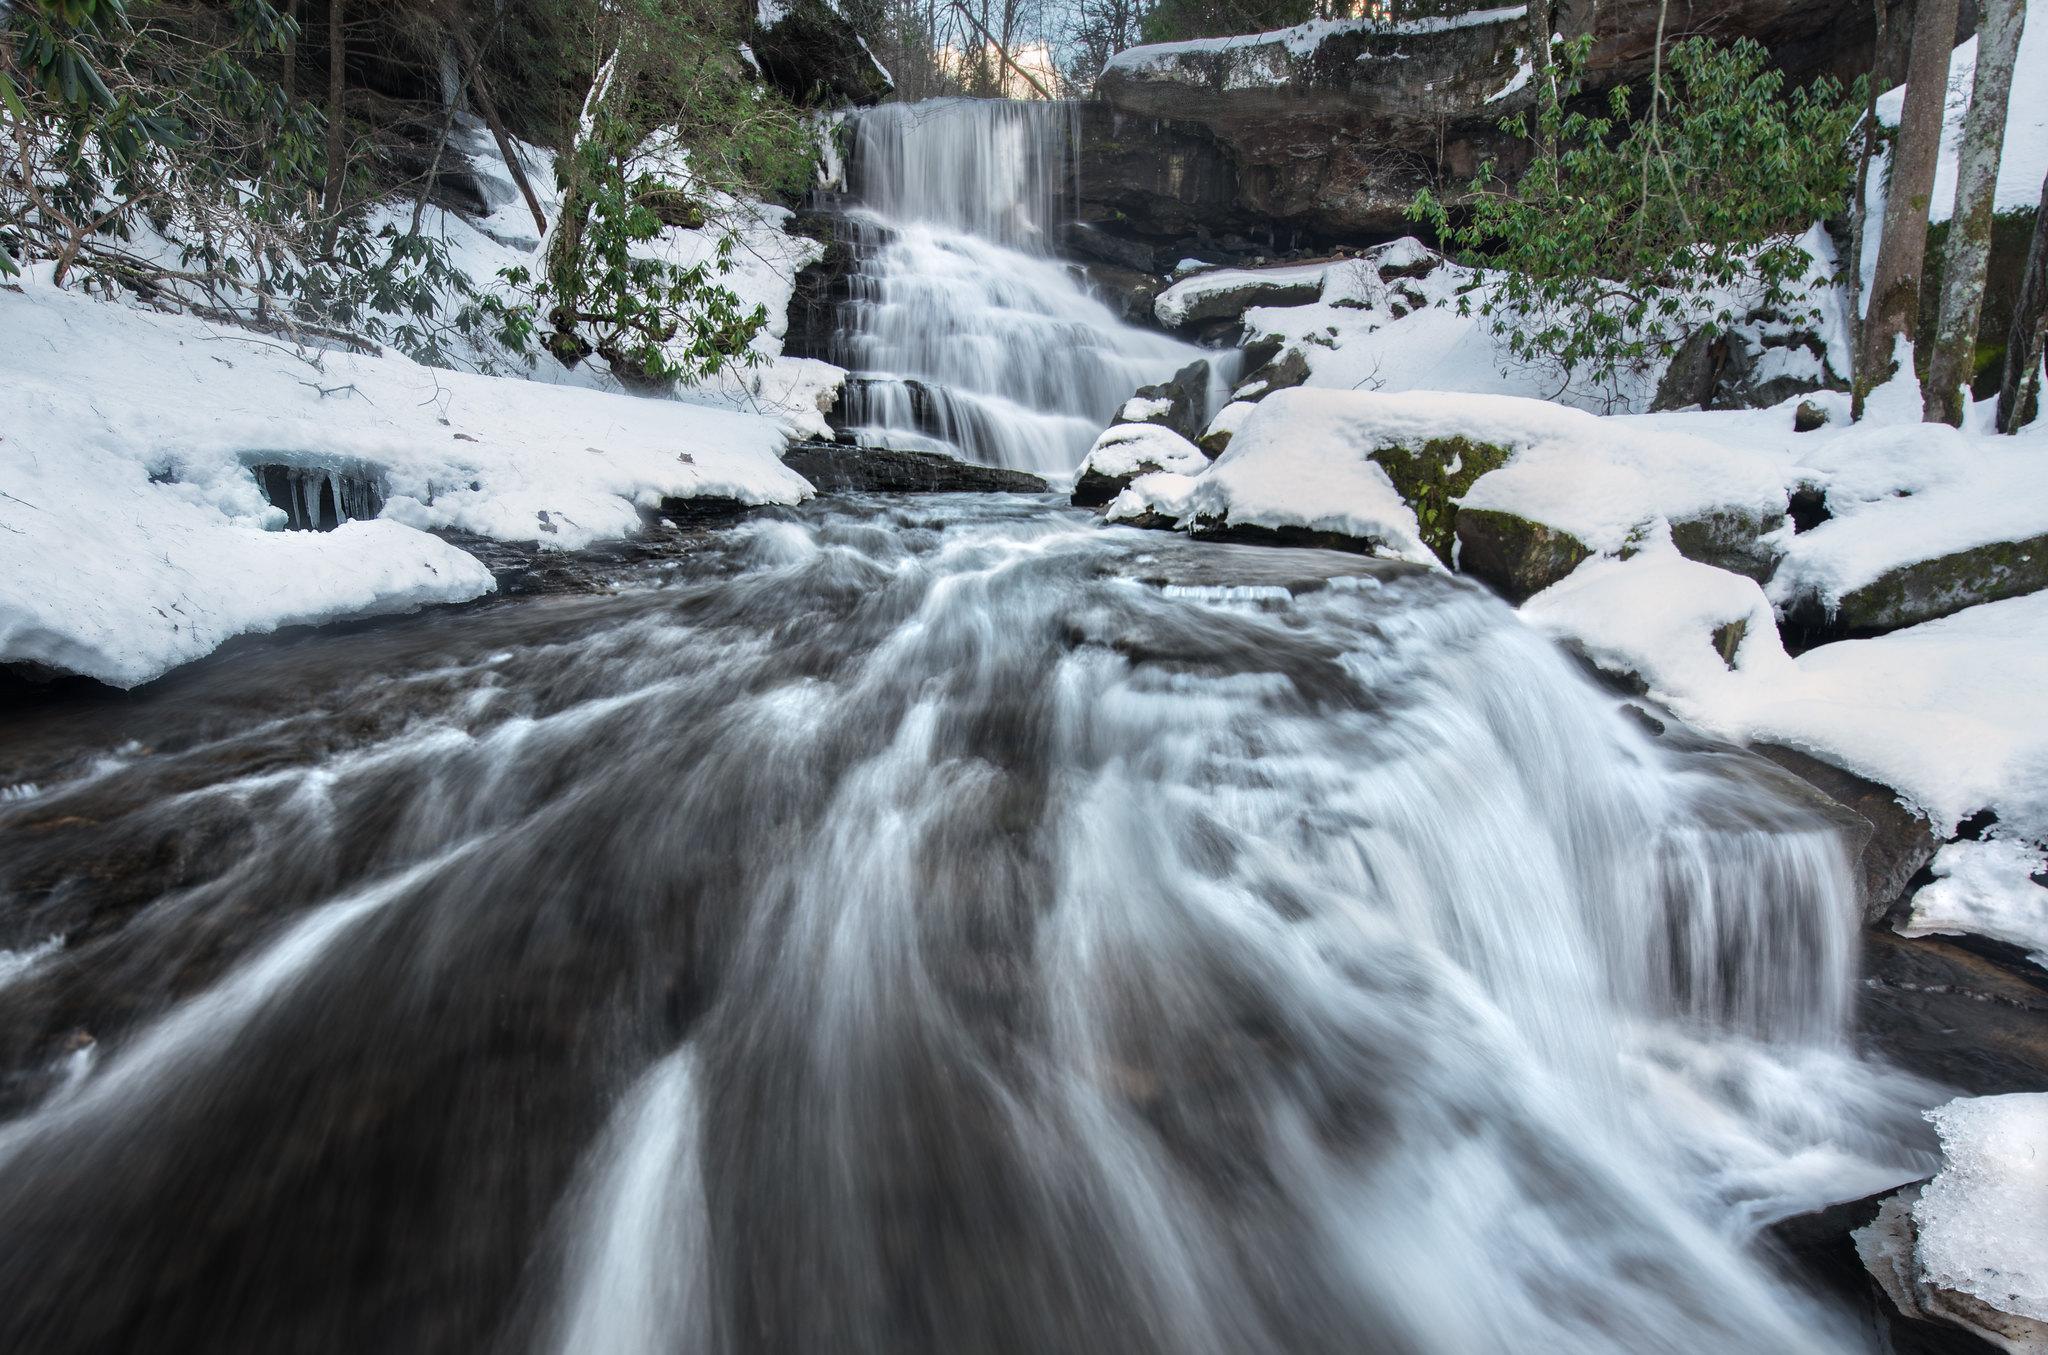 Laurel Creek, West Virginia [2048x1355]